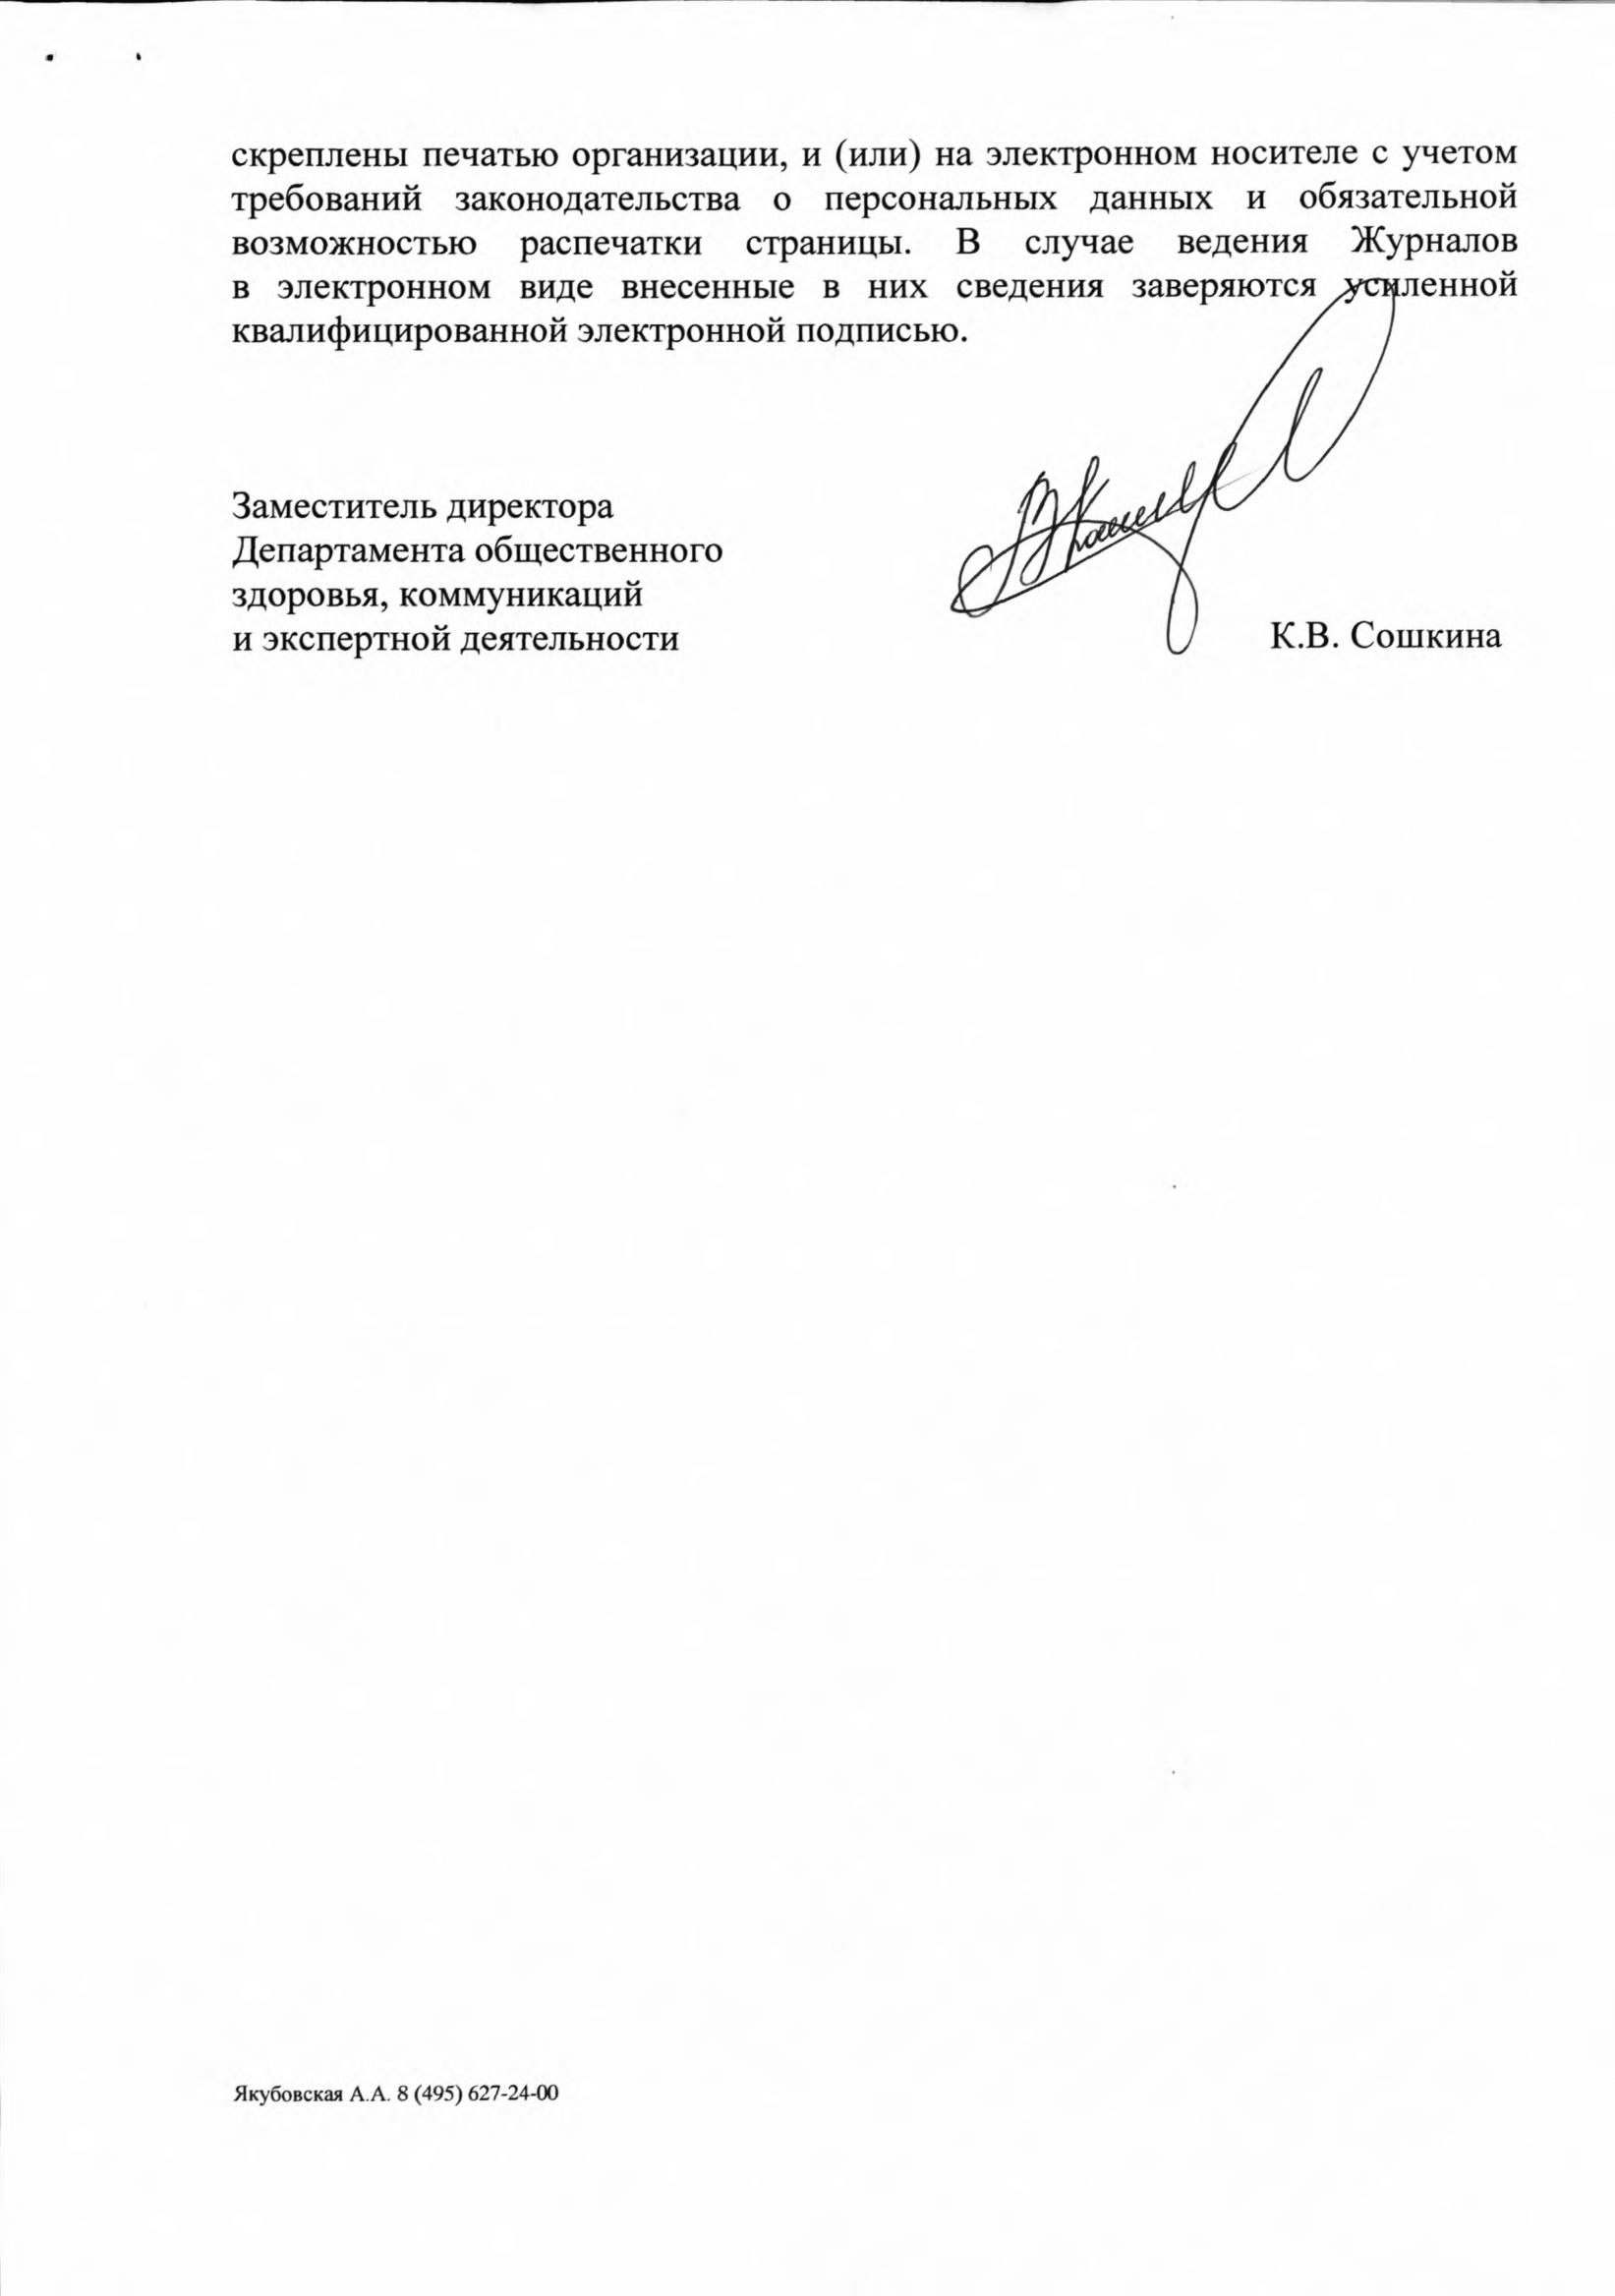 письмо Минздрава о правилах заполнения журнала предрейсовых медицинских осмотров